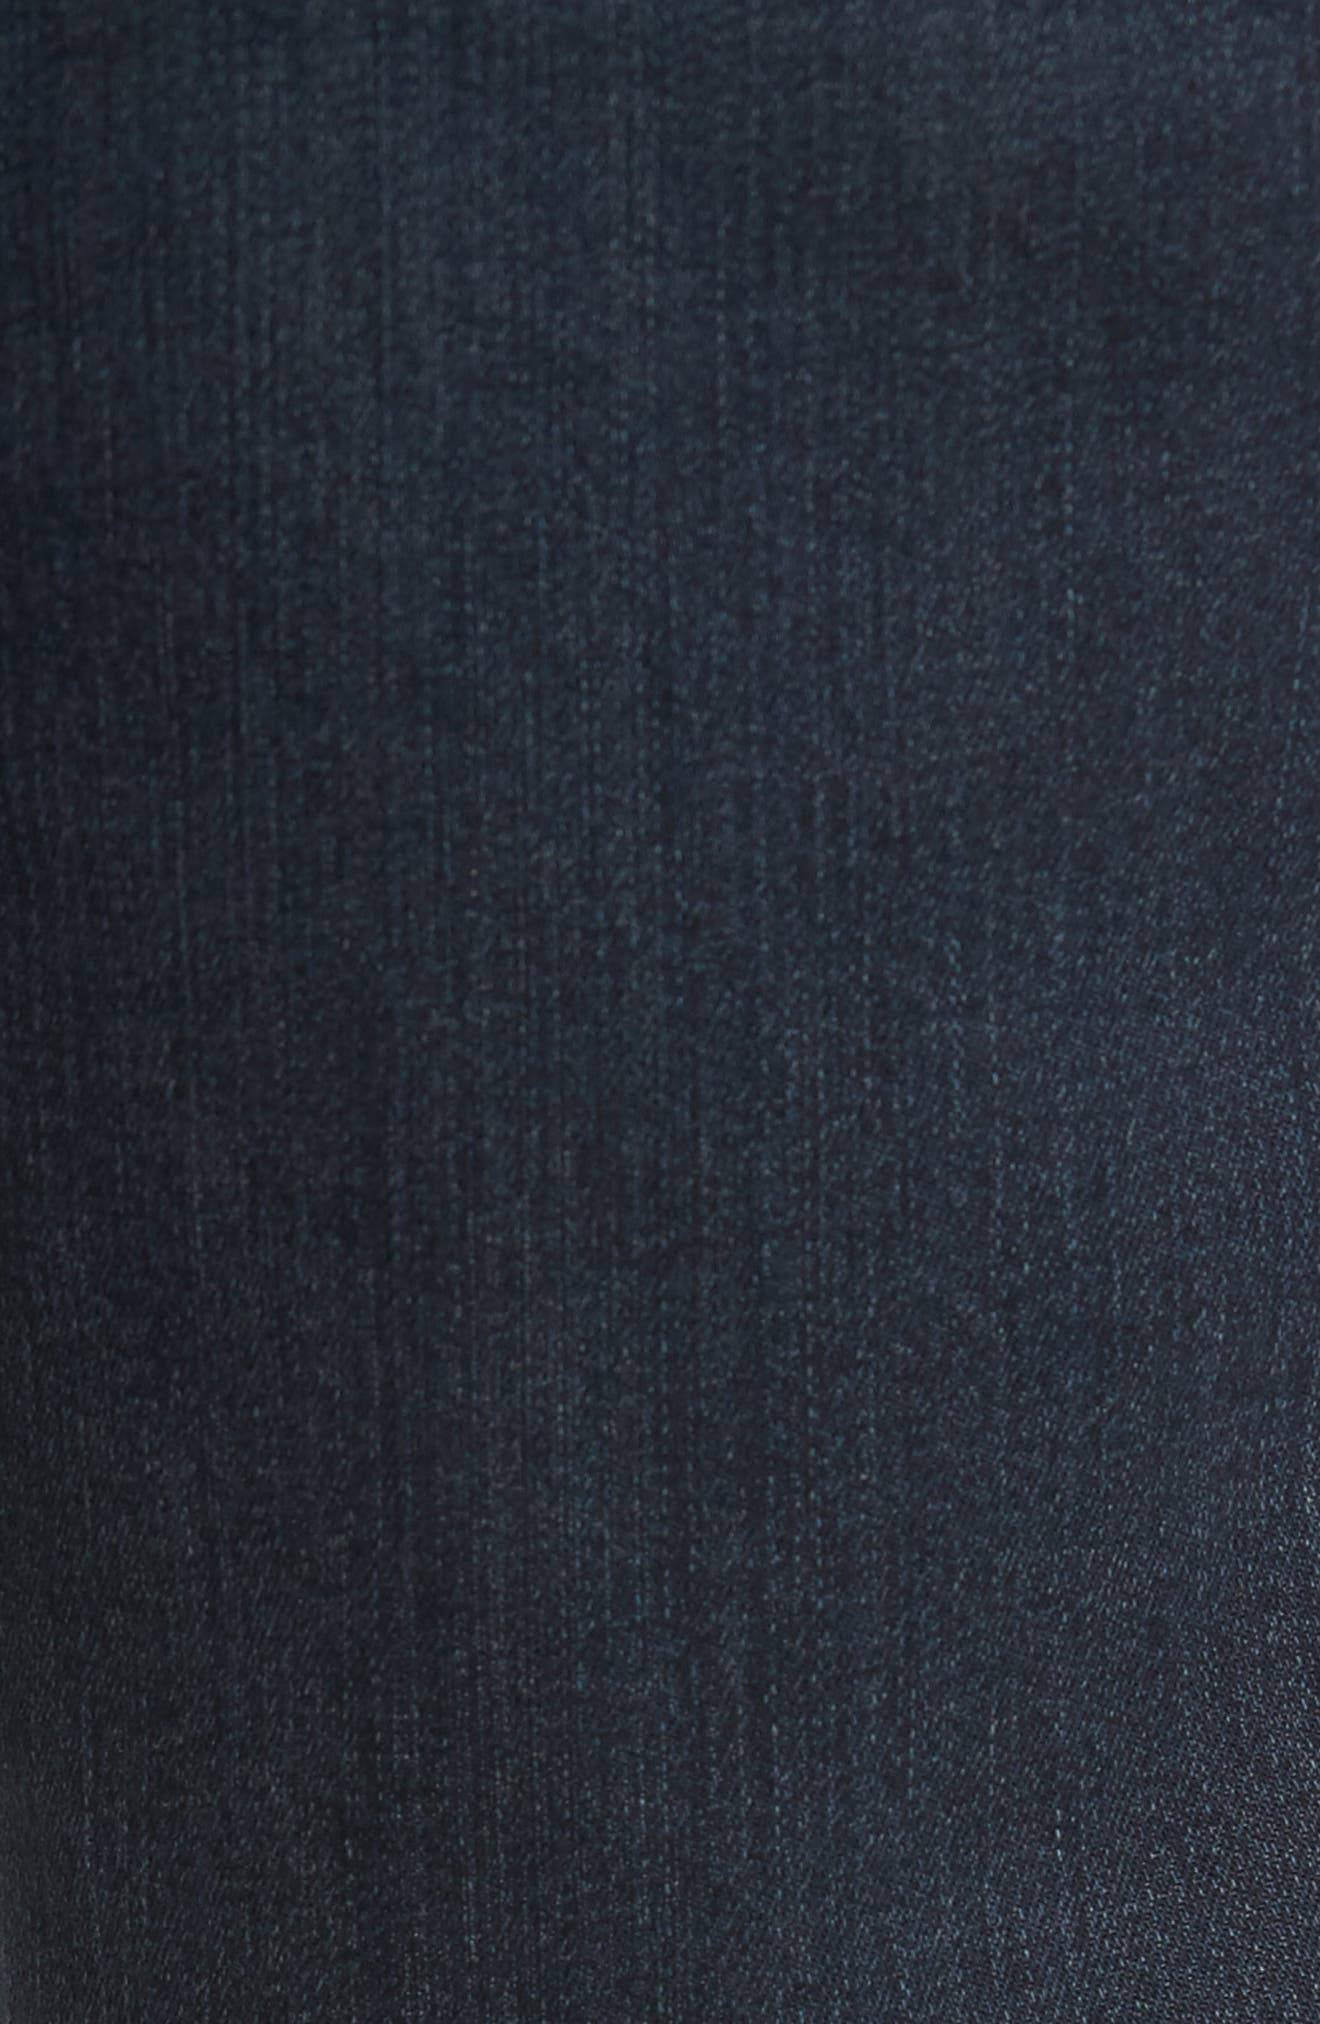 Lennox Slim Fit Jeans,                             Alternate thumbnail 5, color,                             Triton